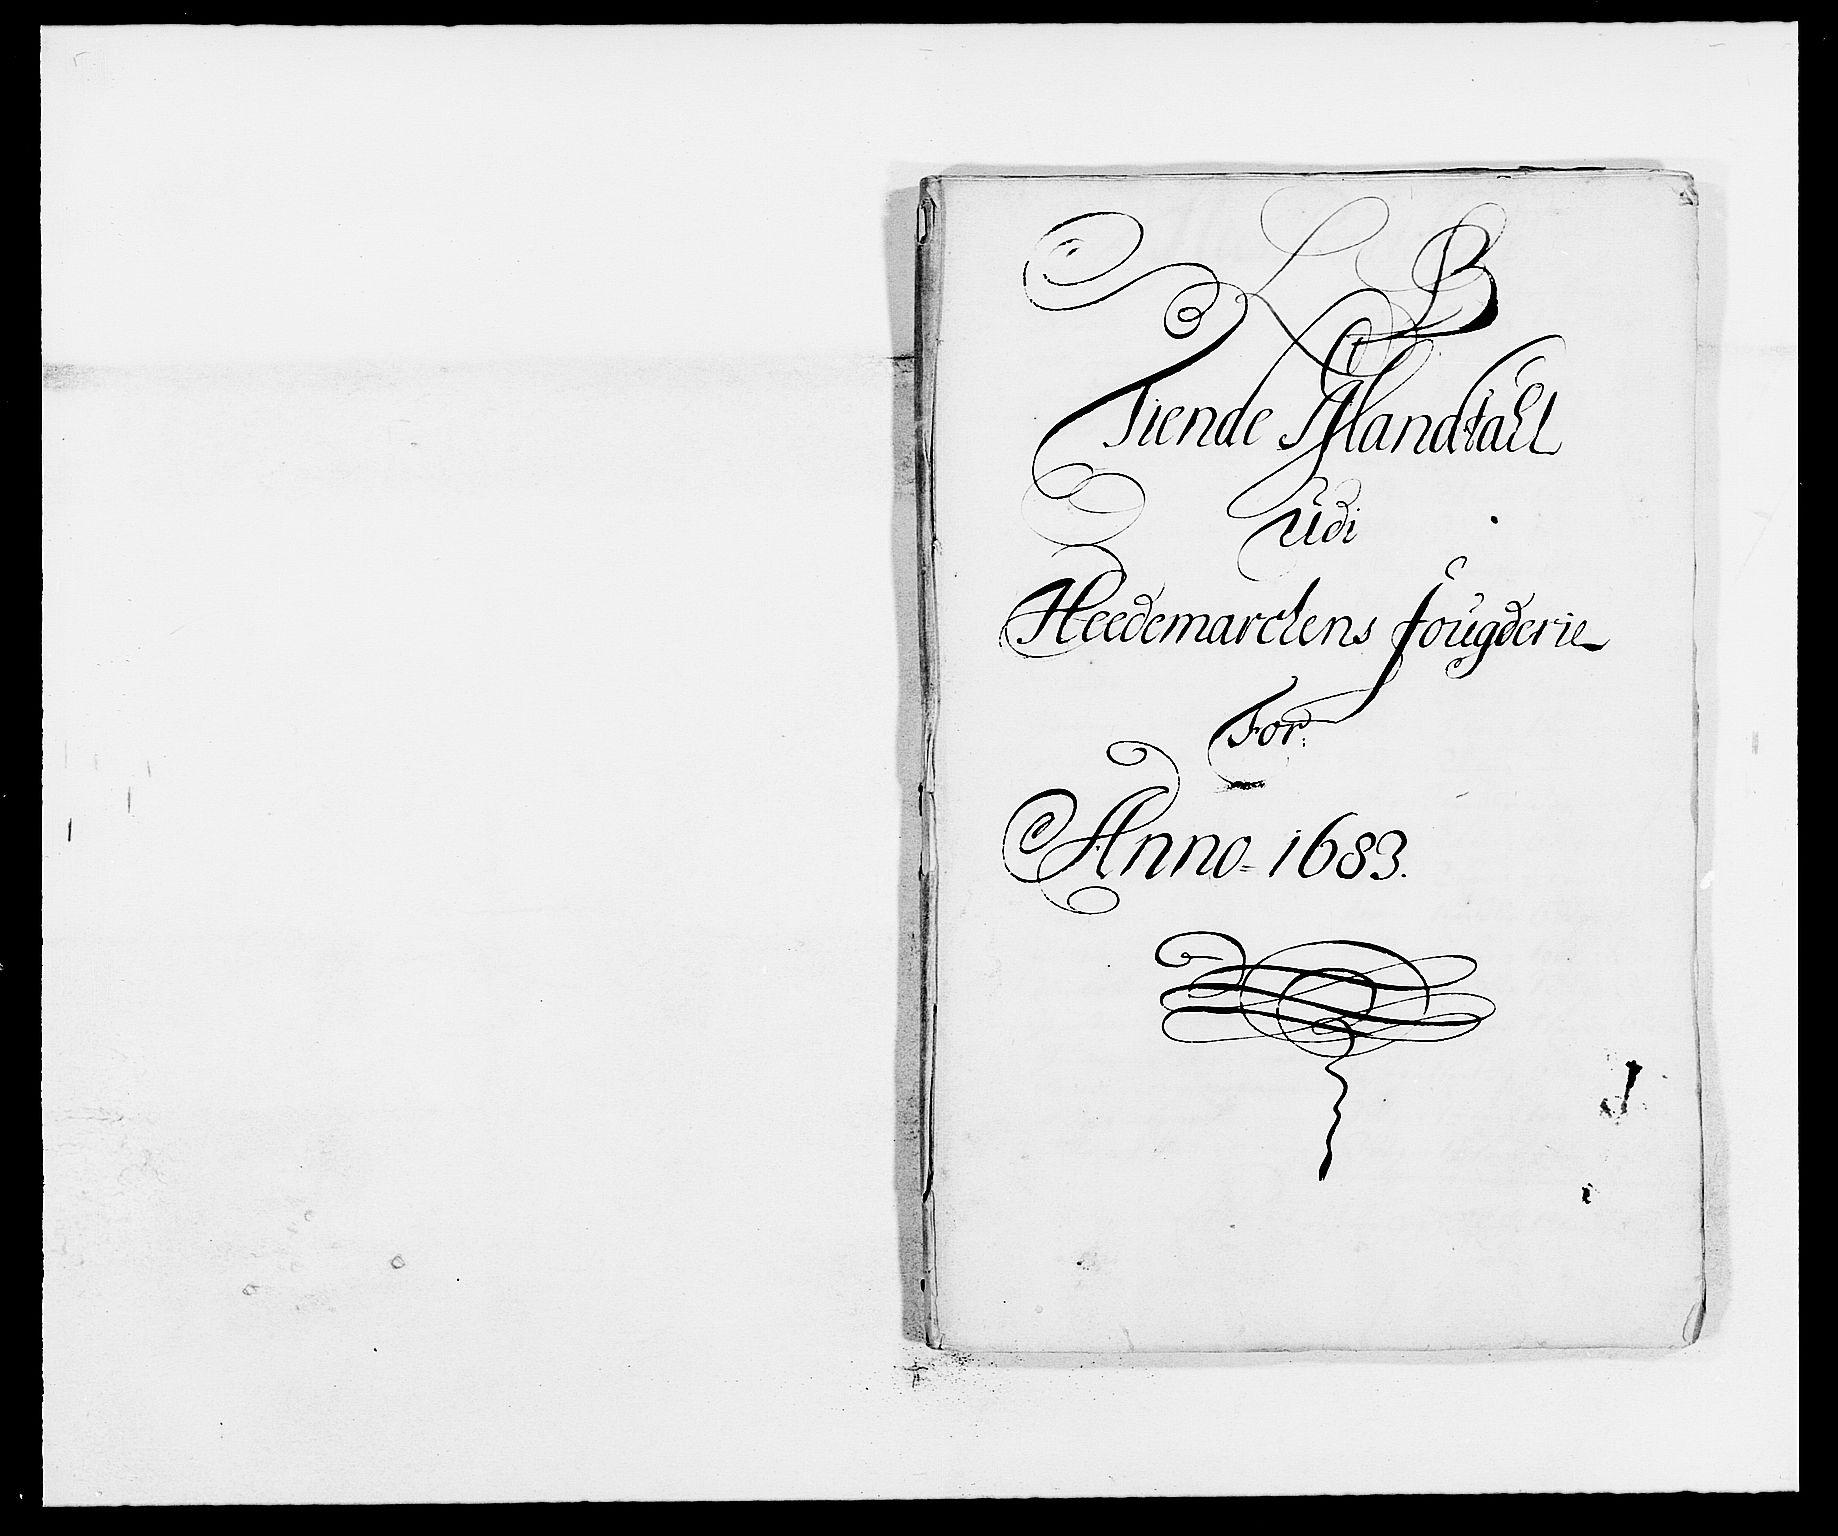 RA, Rentekammeret inntil 1814, Reviderte regnskaper, Fogderegnskap, R16/L1024: Fogderegnskap Hedmark, 1683, s. 113